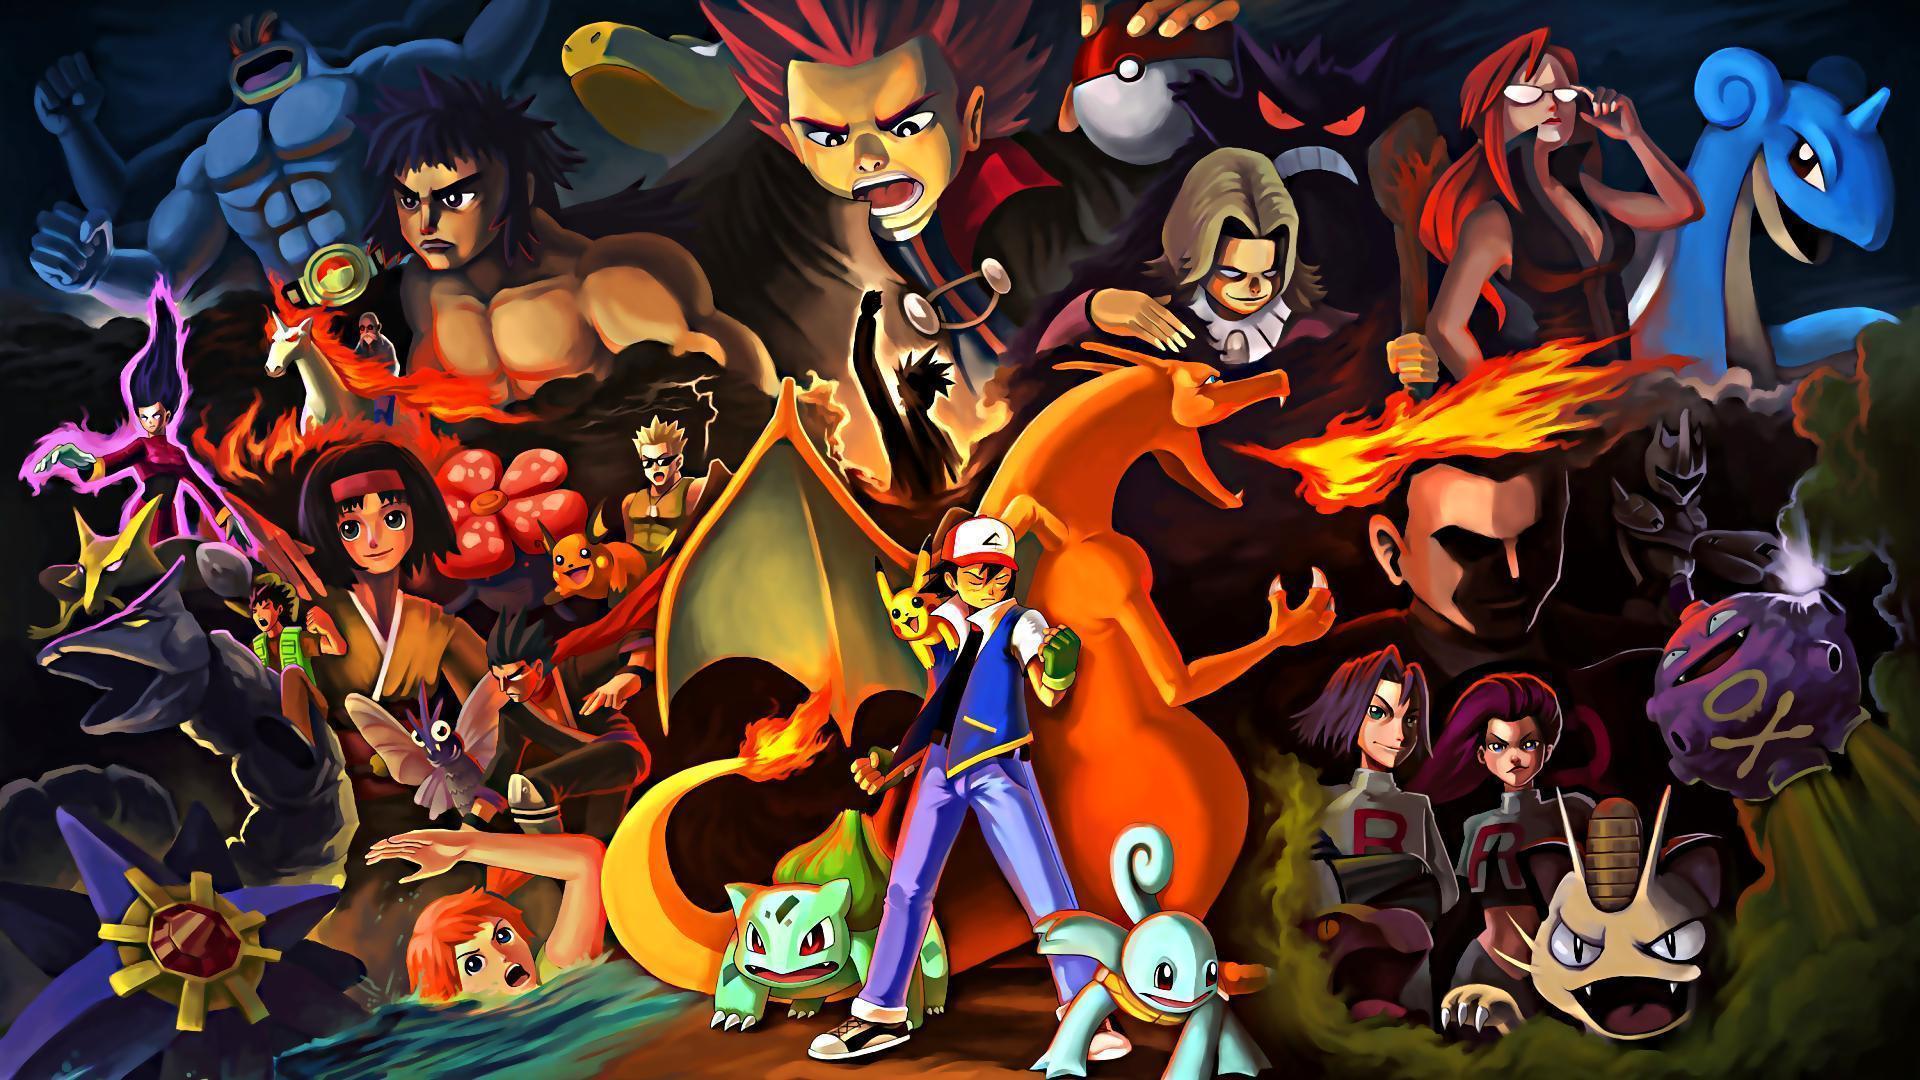 Pokemon HD Wallpapers 1920x1080